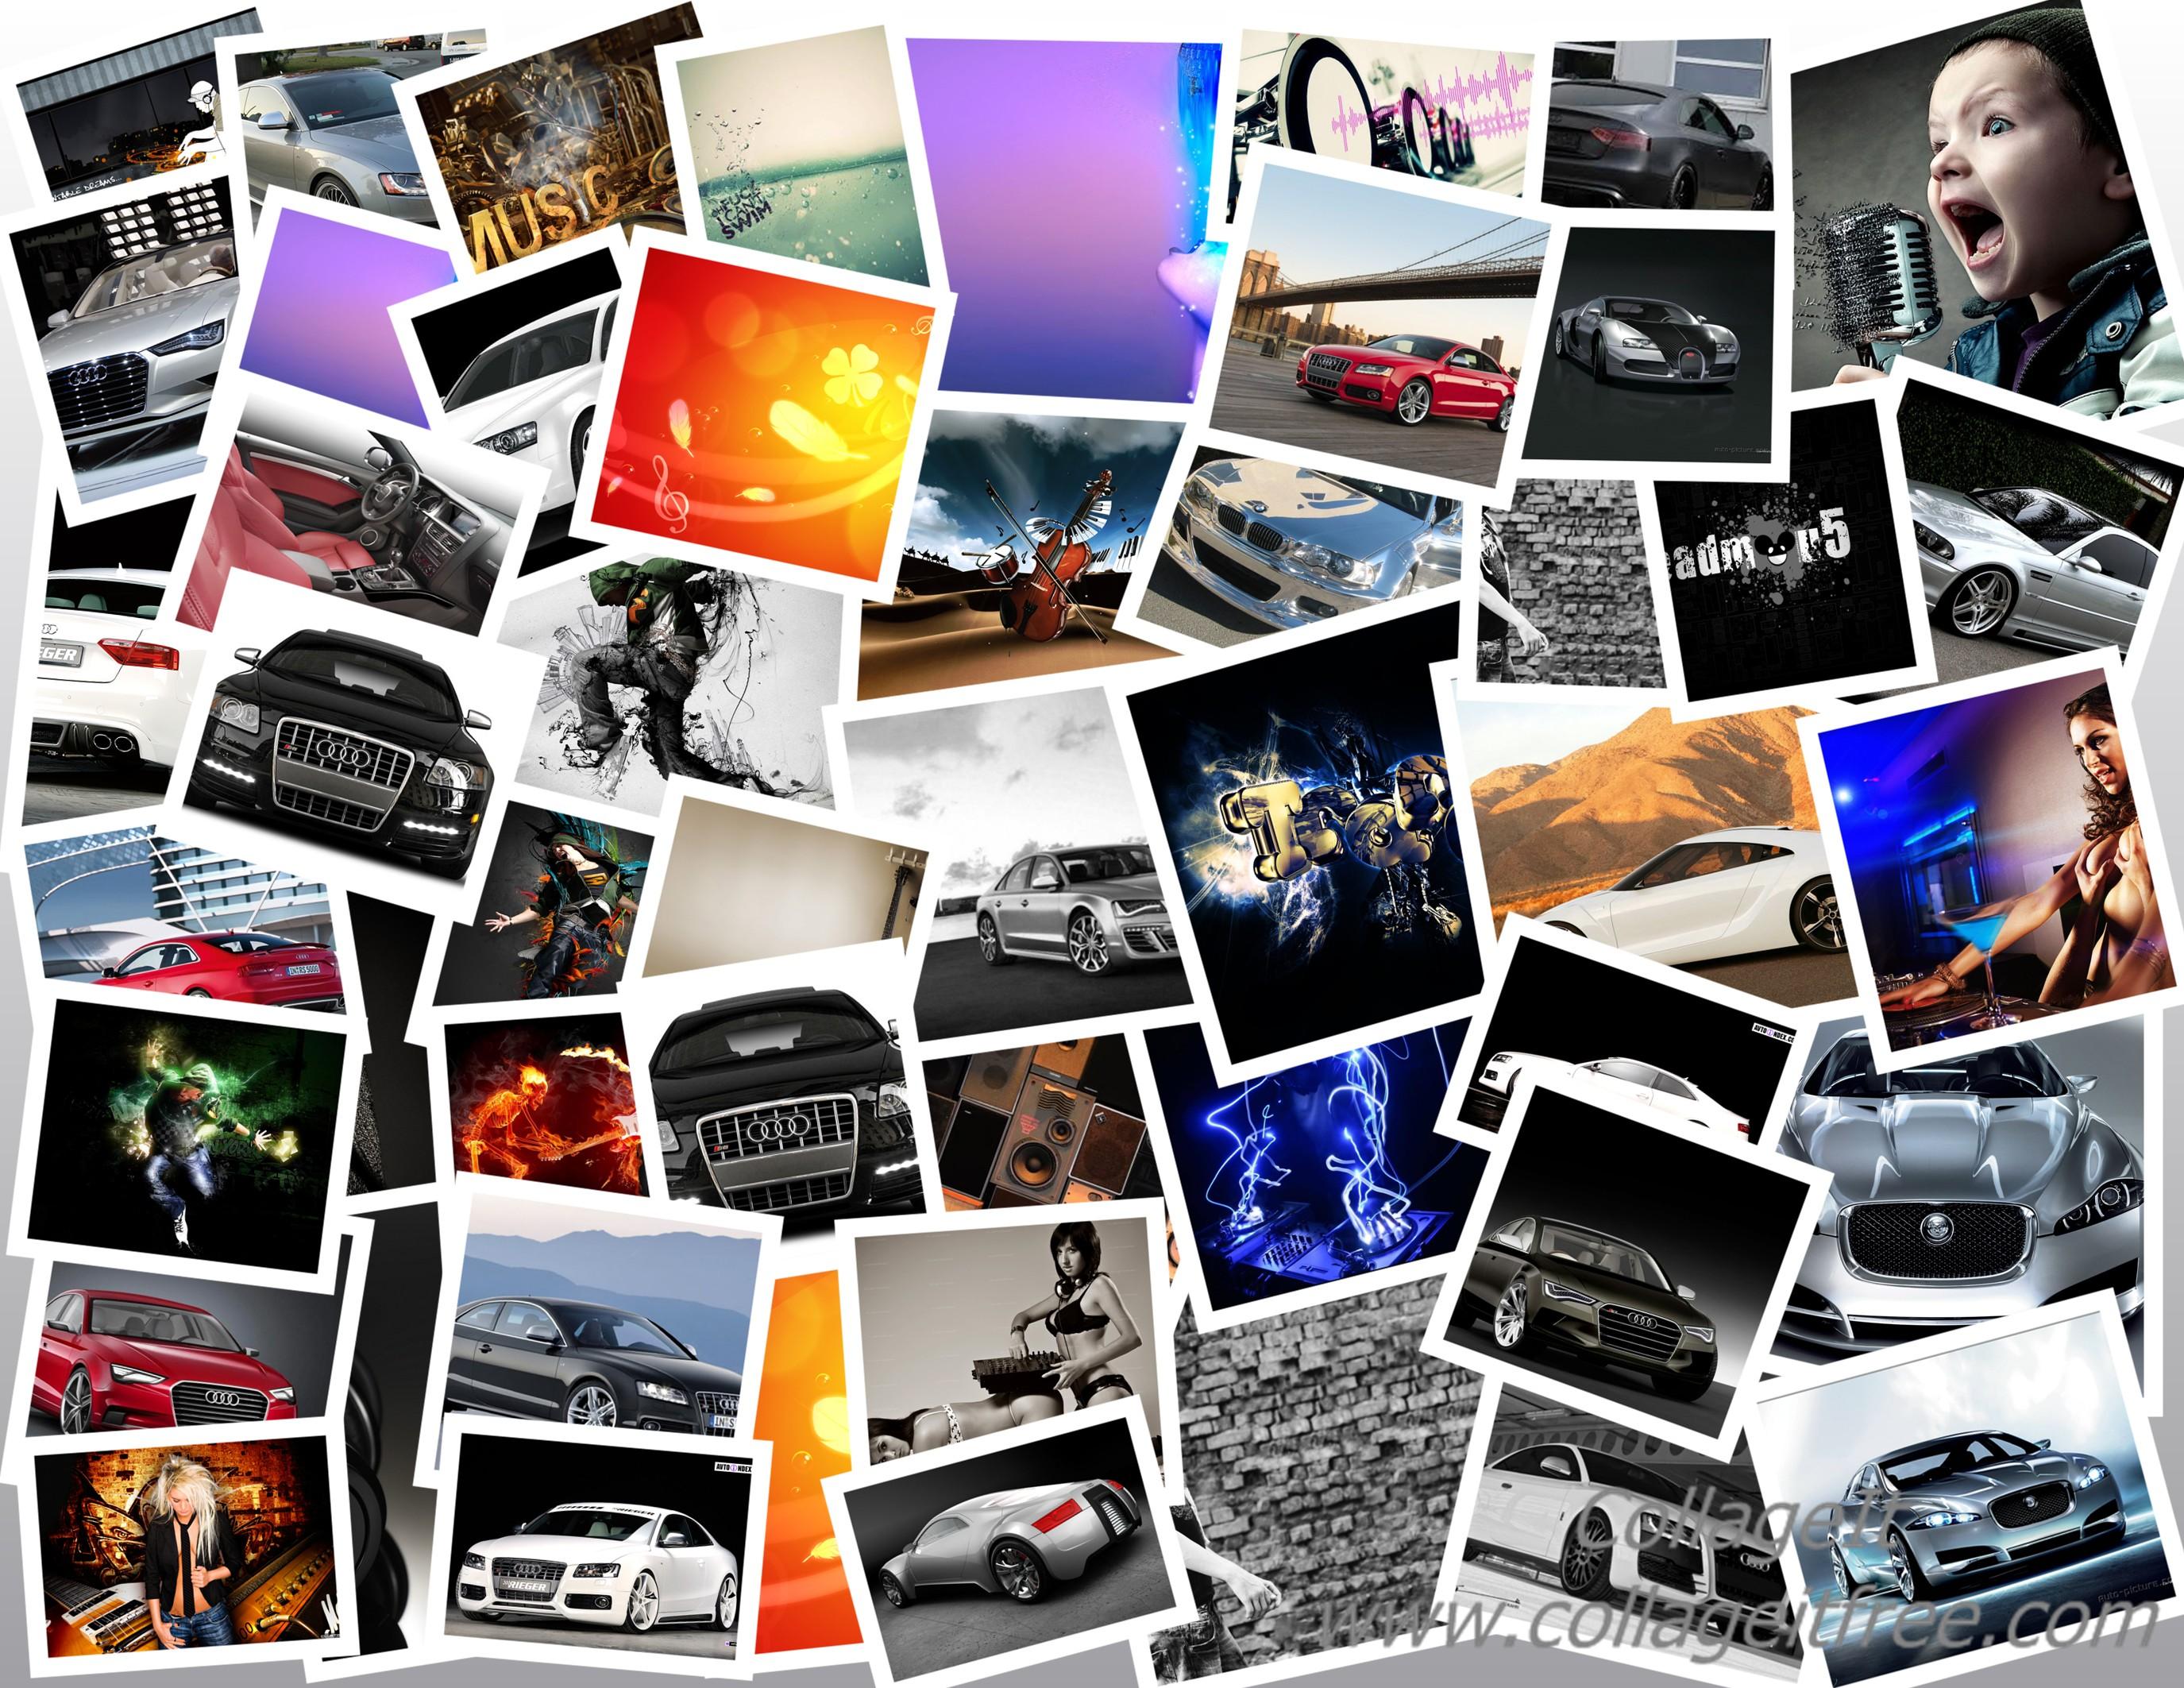 сделать онлайн коллаж из фотографий много